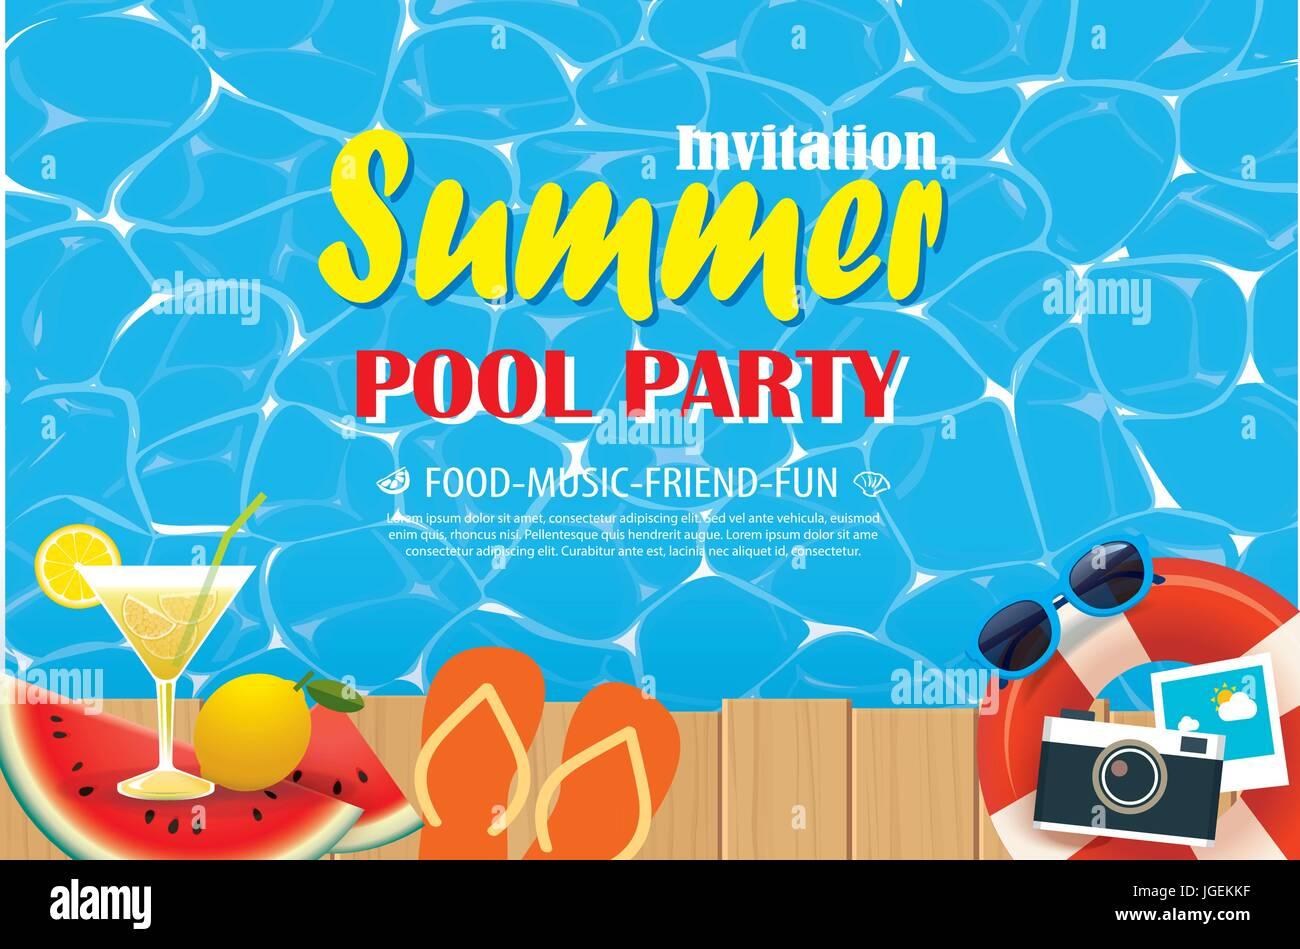 Pool Party Einladung Plakat mit blauem Wasser und Holz. Sommer ...